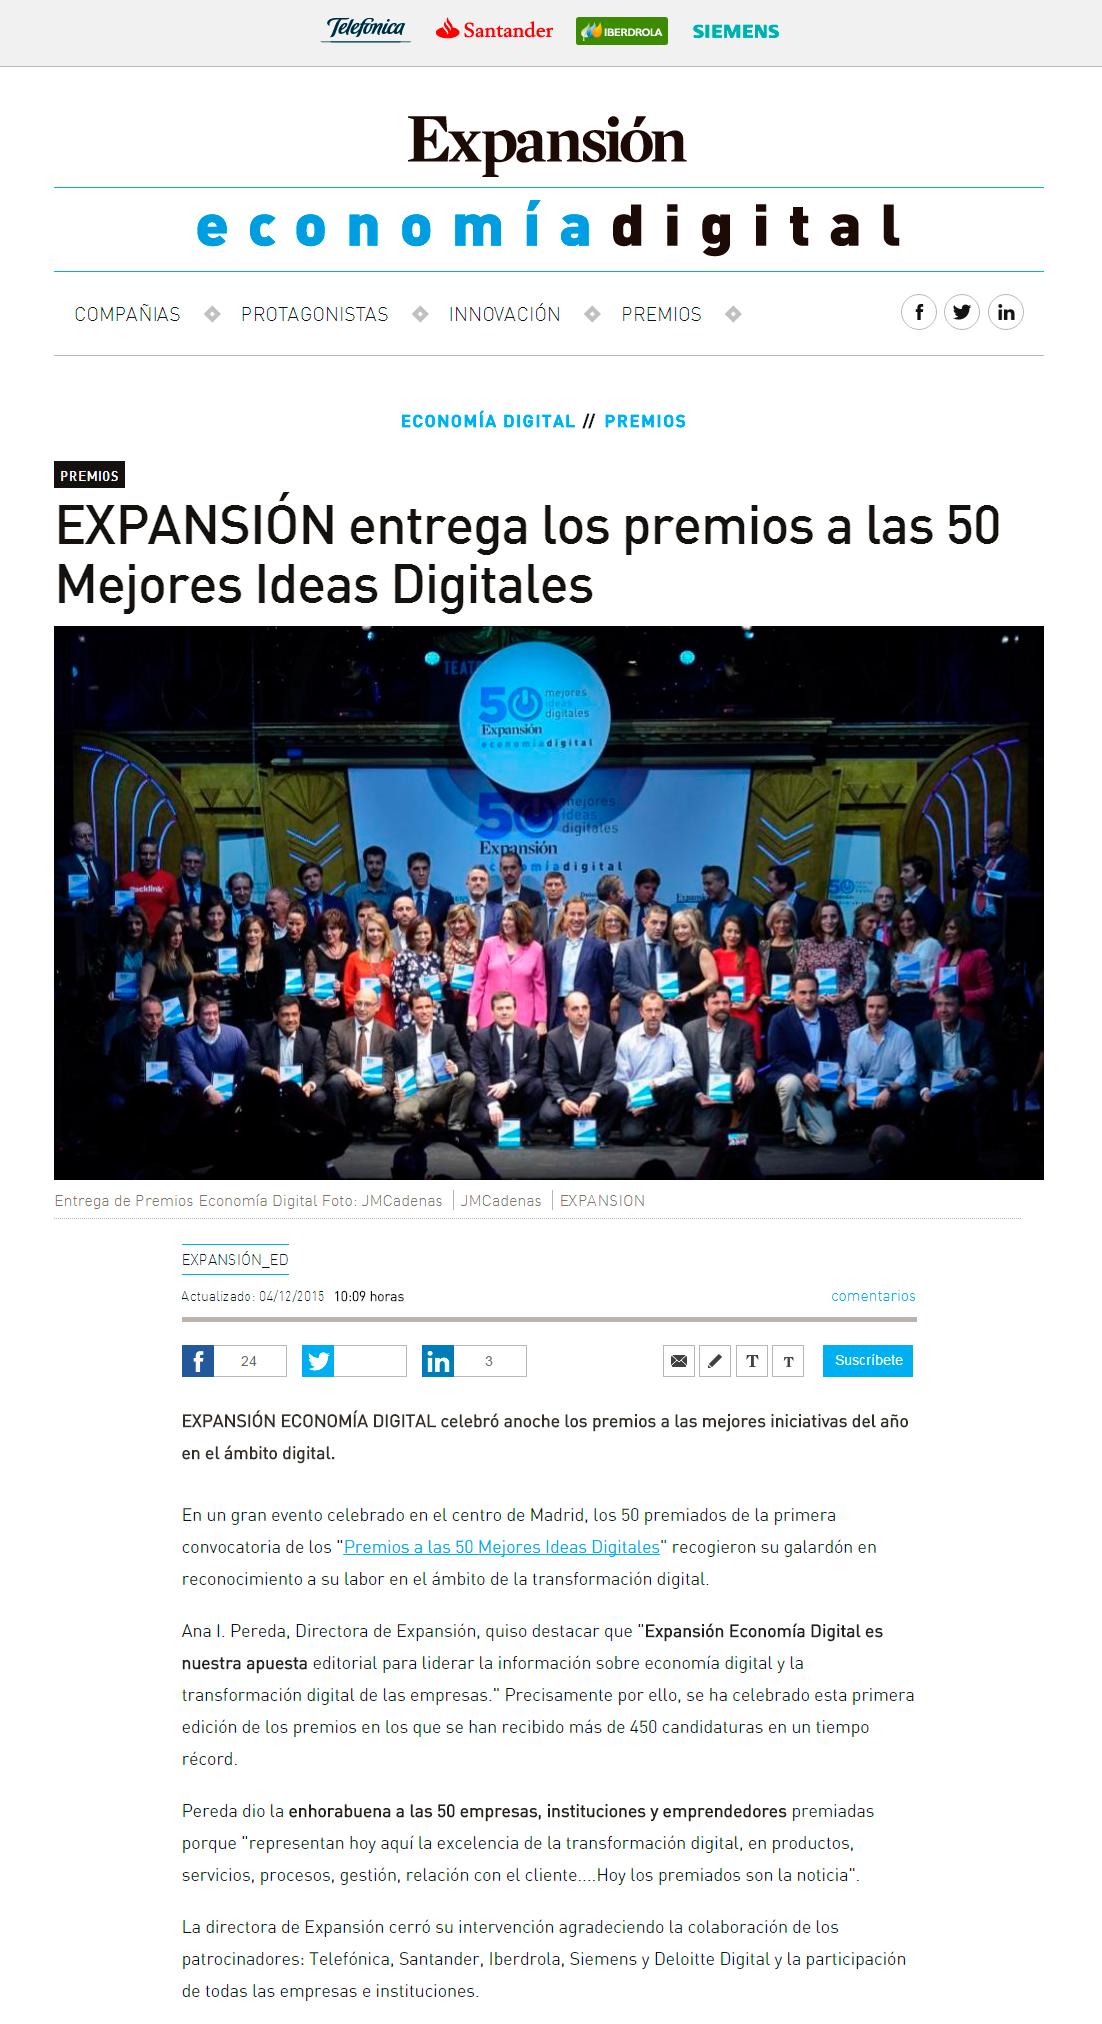 EXPANSIÓN entrega los premios a las 50 Mejores Ideas Digitales